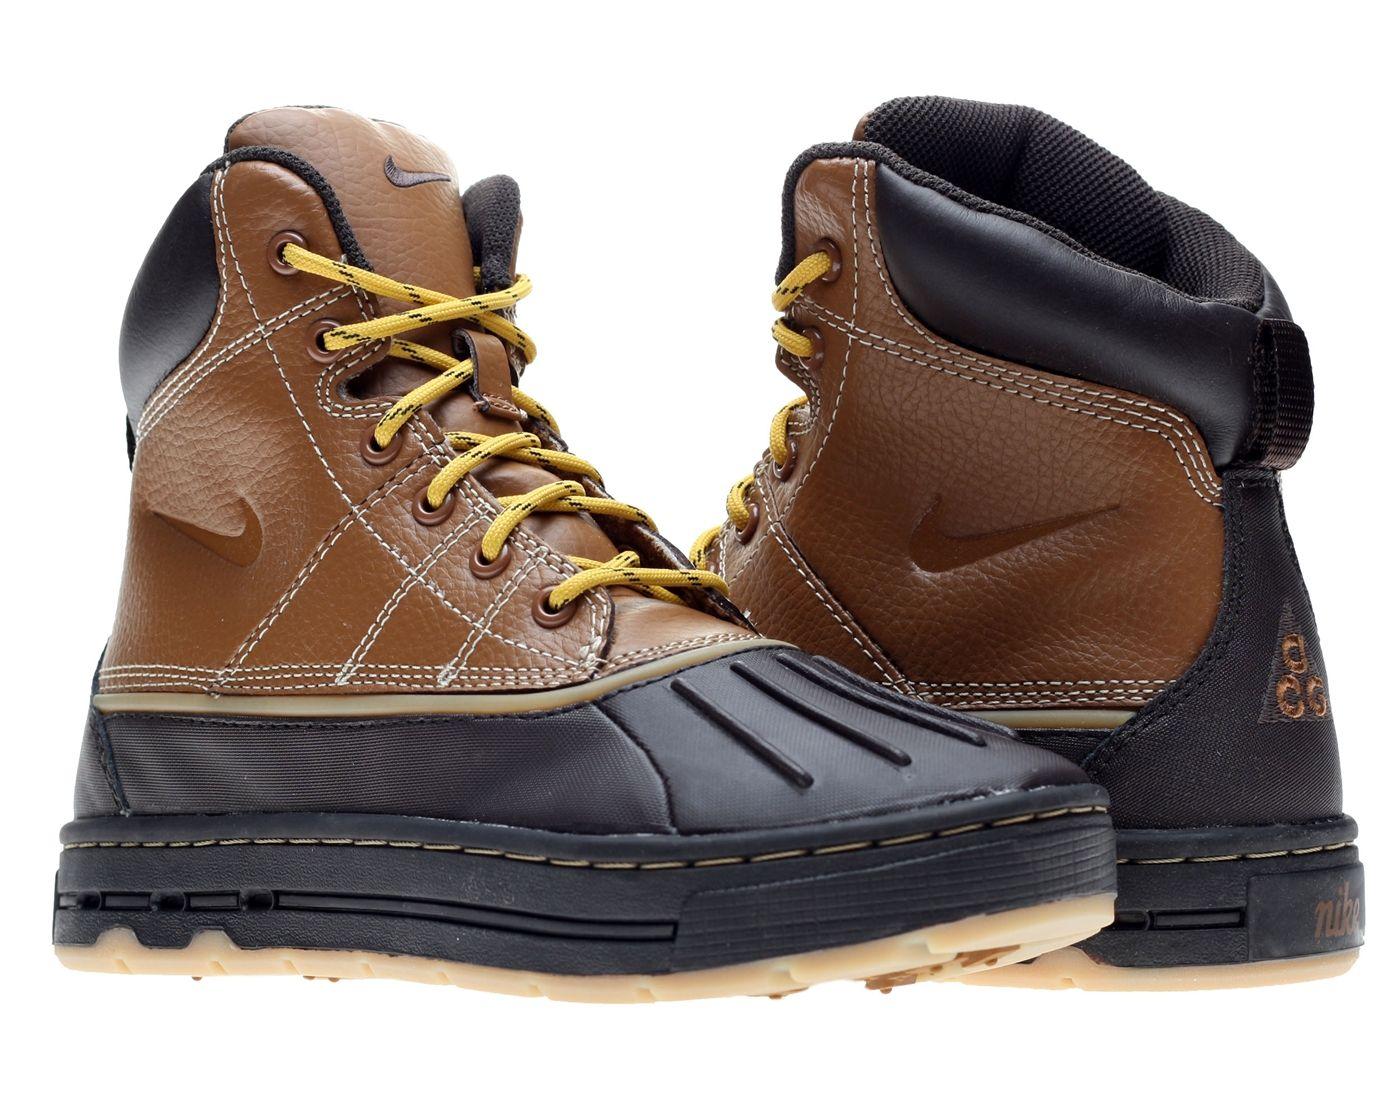 0011759eb3c Nike Woodside Tan | Fashion Wishlist in 2019 | Nike acg boots, Nike ...